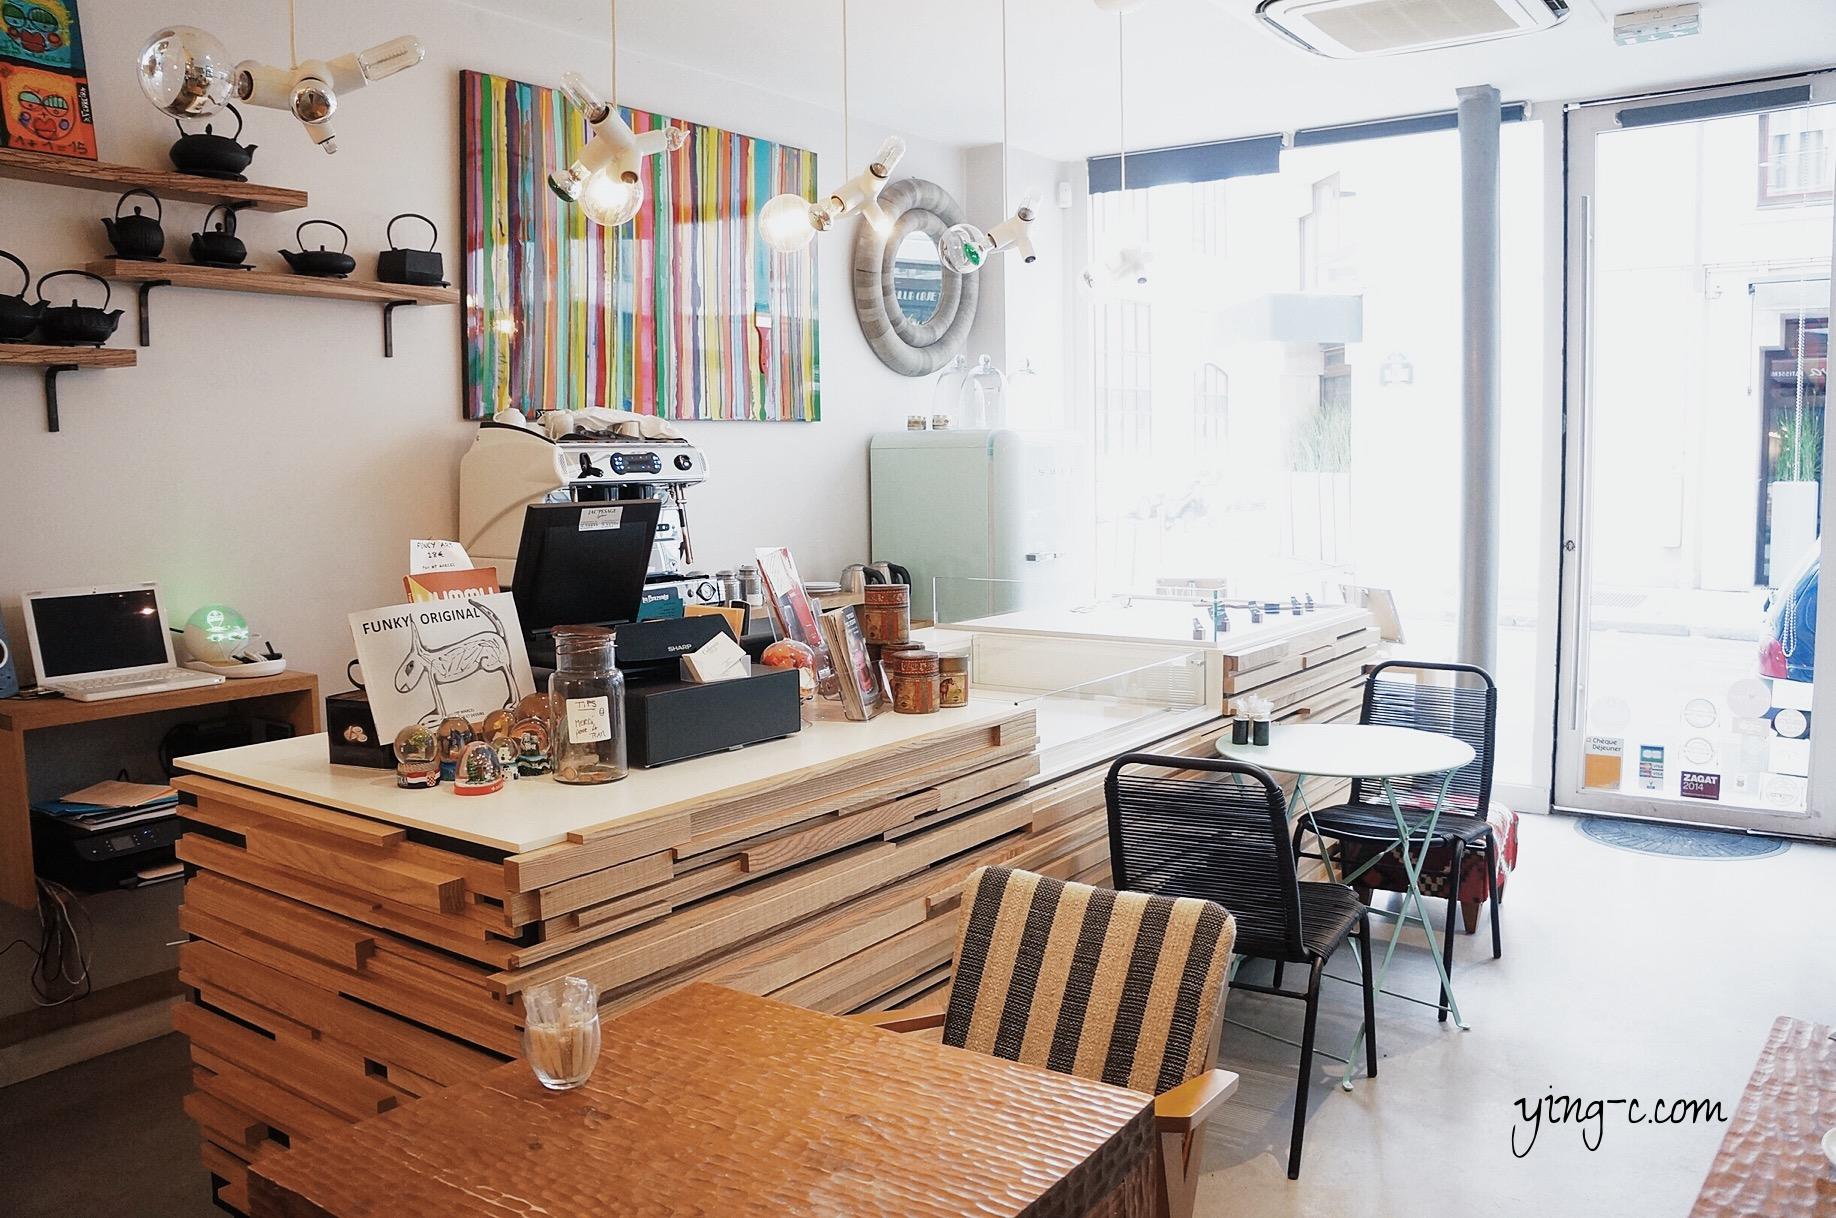 桌子與檯面都以原色木頭為主,搭配色彩搶眼的椅墊與牆面掛飾,Colorova的空間設計相當有巧思。